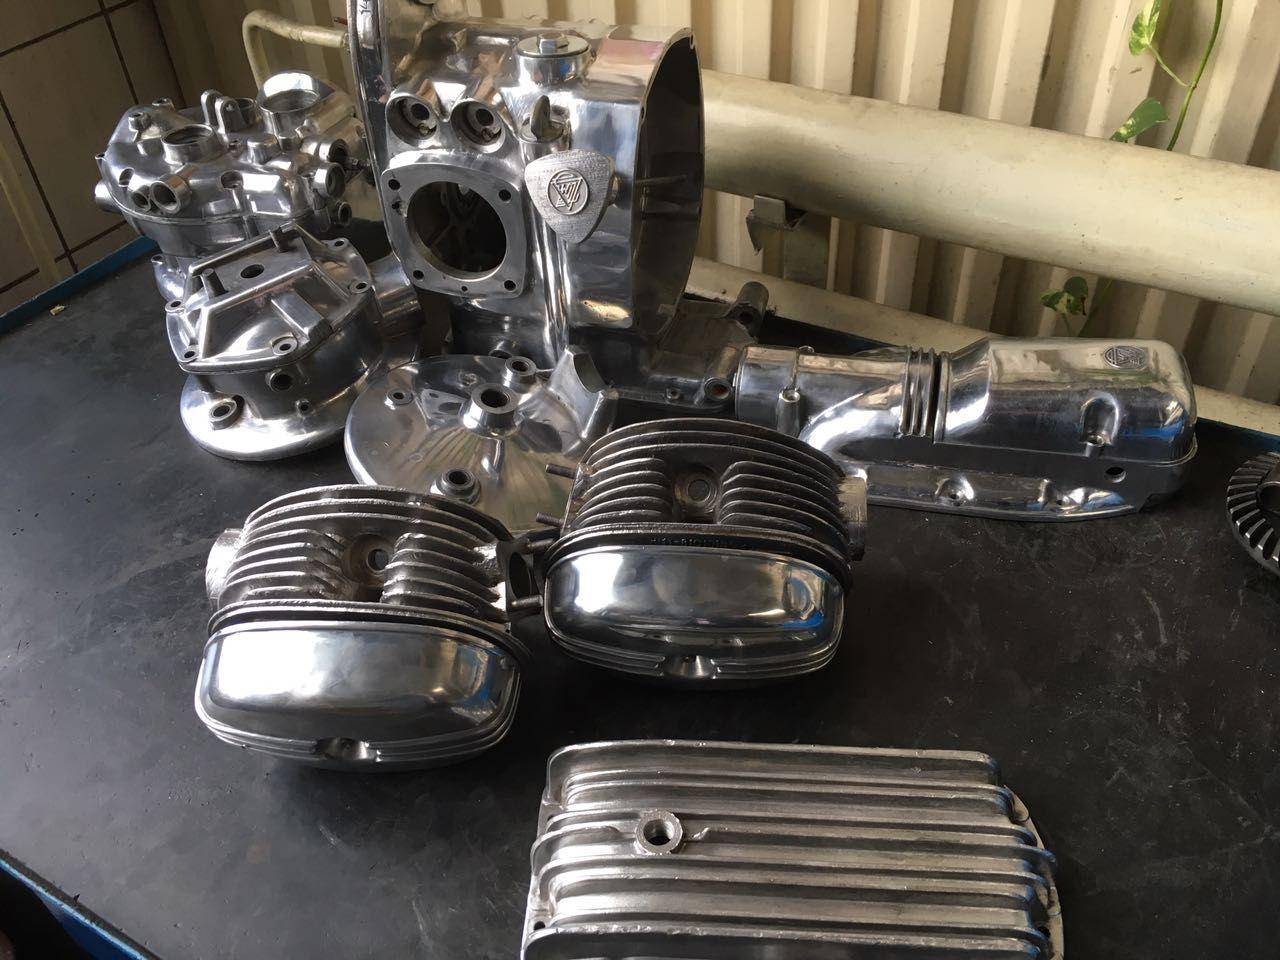 Весь двигатель и алюминиевые части были отполированы